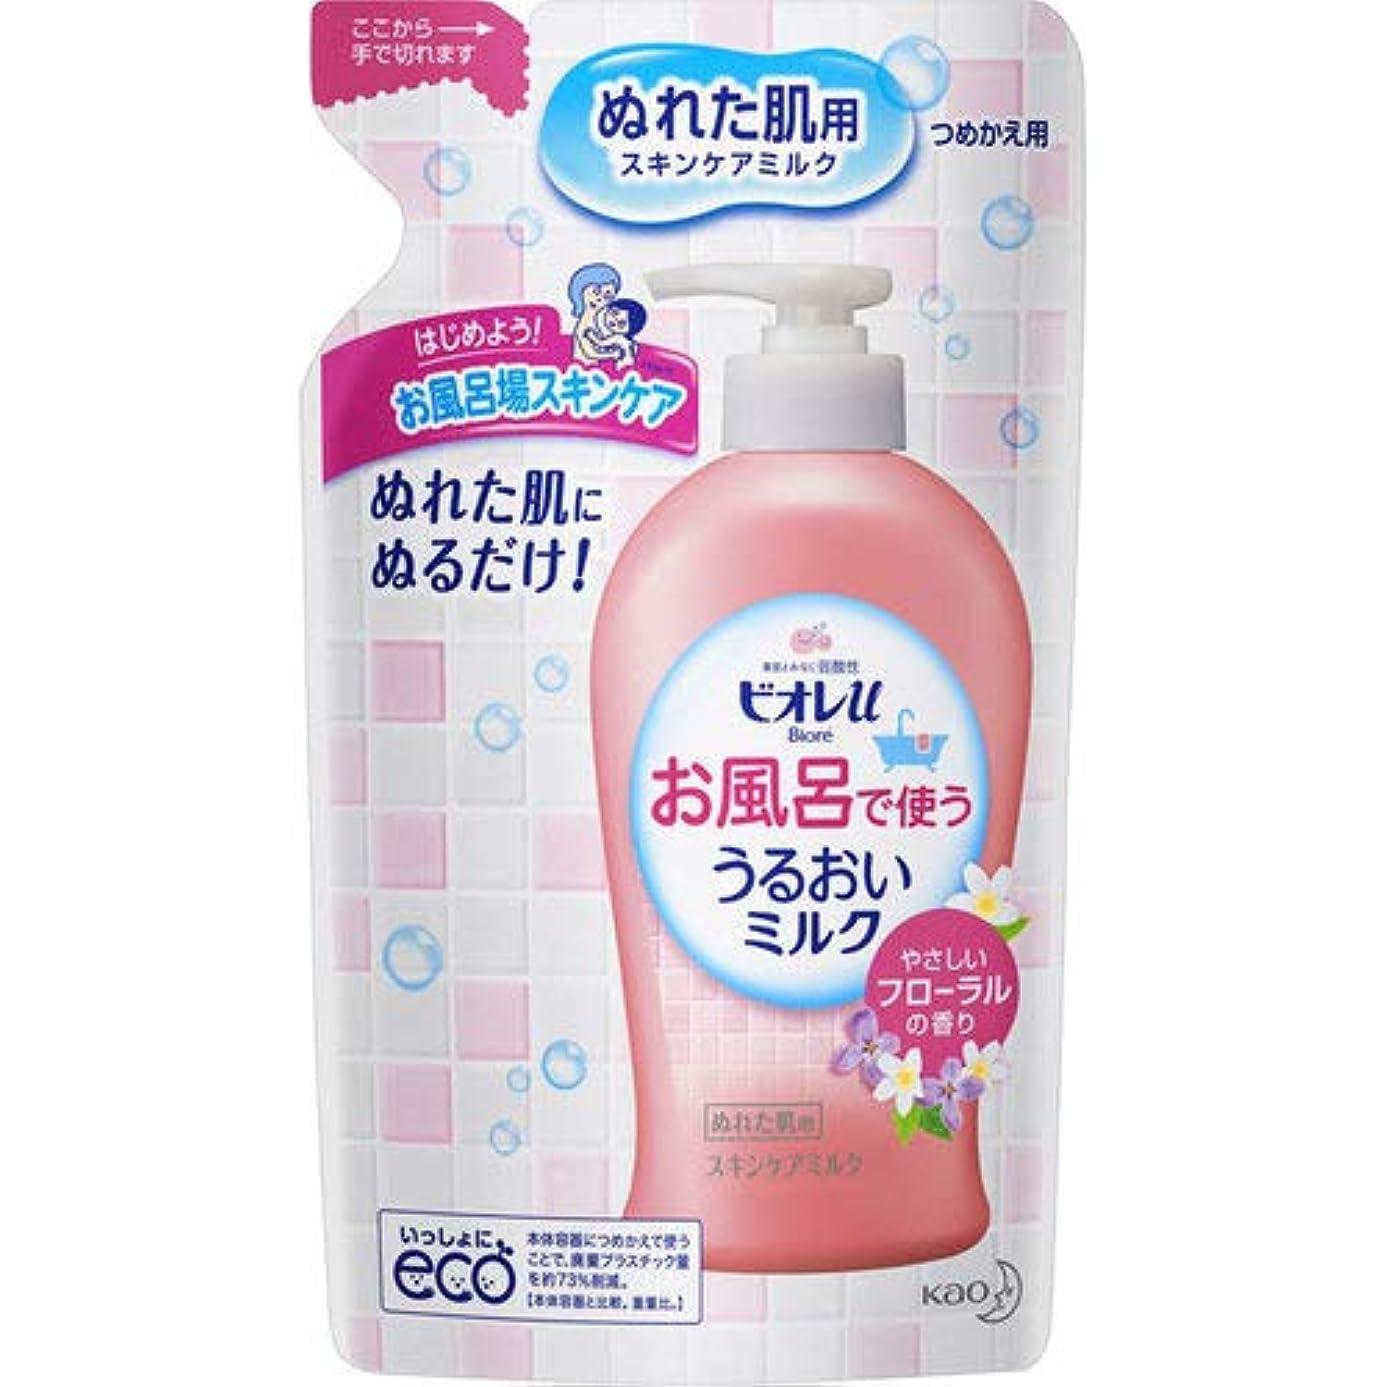 連結するアーサーバレルビオレu お風呂で使ううるおいミルク フローラル つめかえ用 250mL